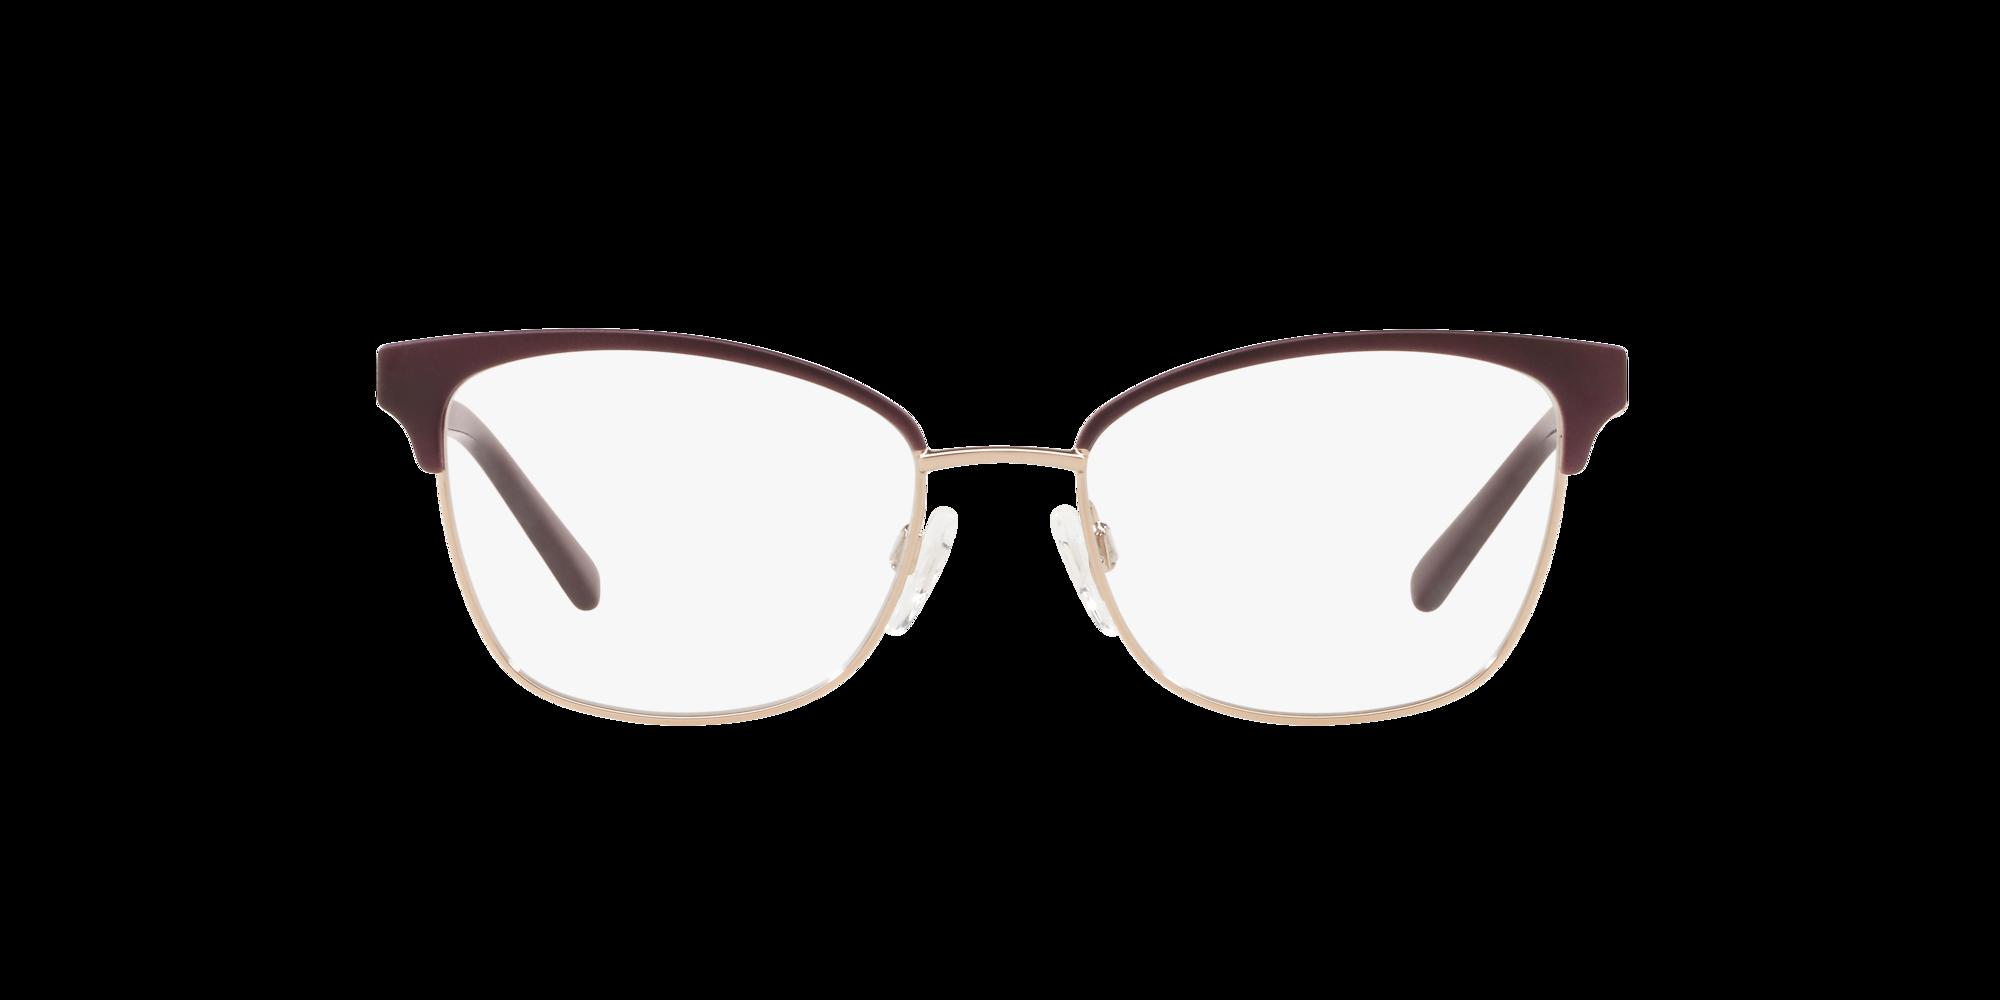 Imagen para MK3012 ADRIANNA IV de LensCrafters    Espejuelos, espejuelos graduados en línea, gafas